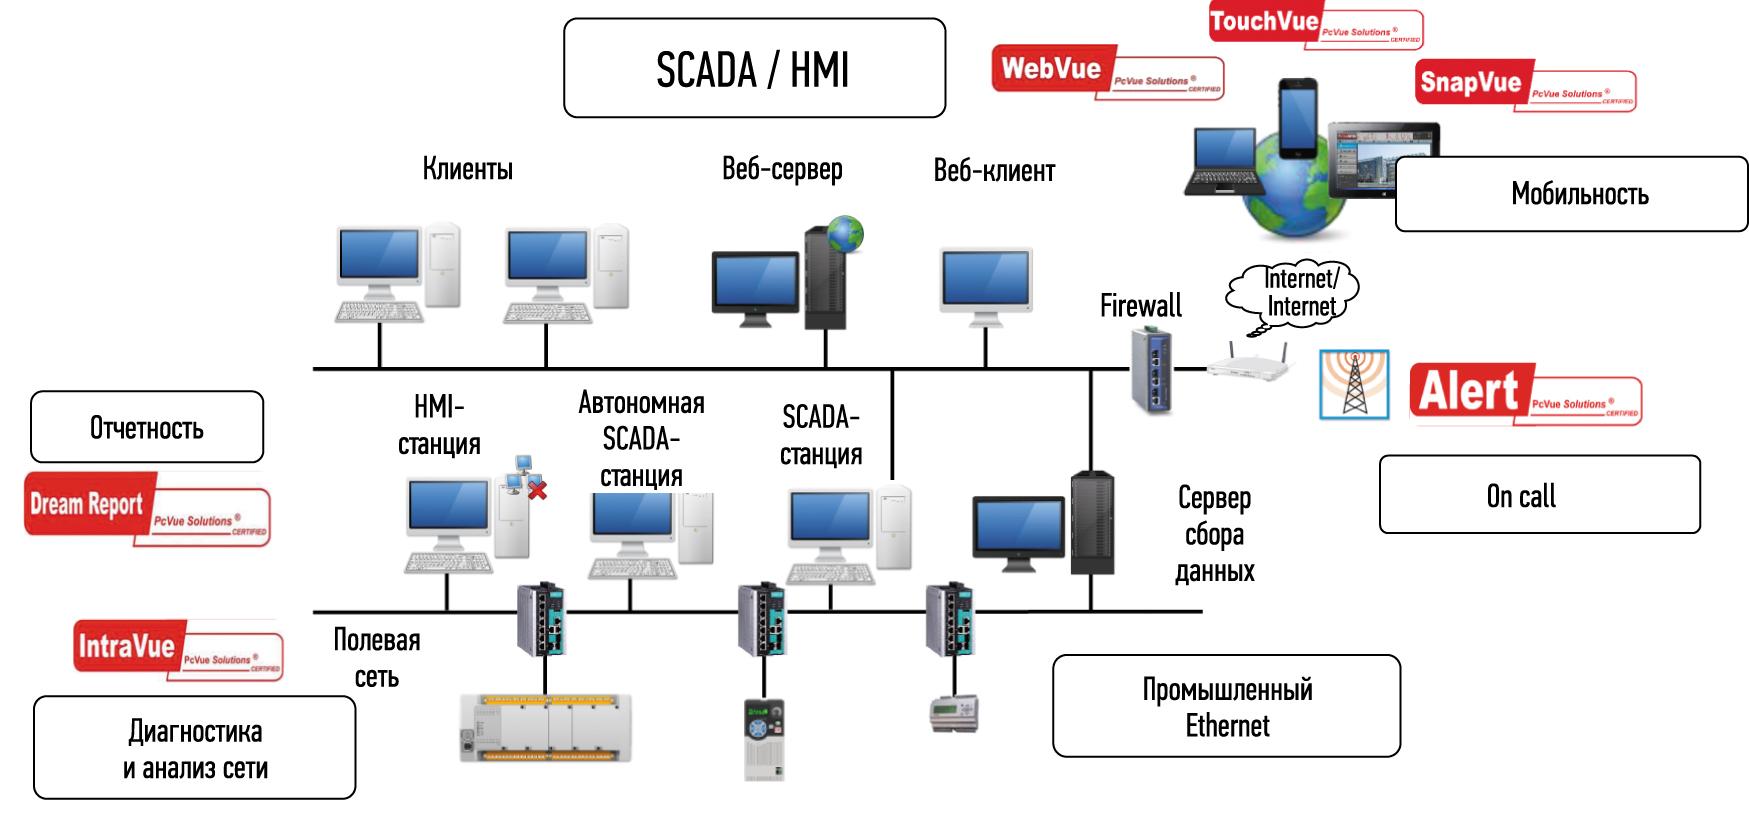 Основные элементы линейки программных продуктов на основе SCADA PcVue 12